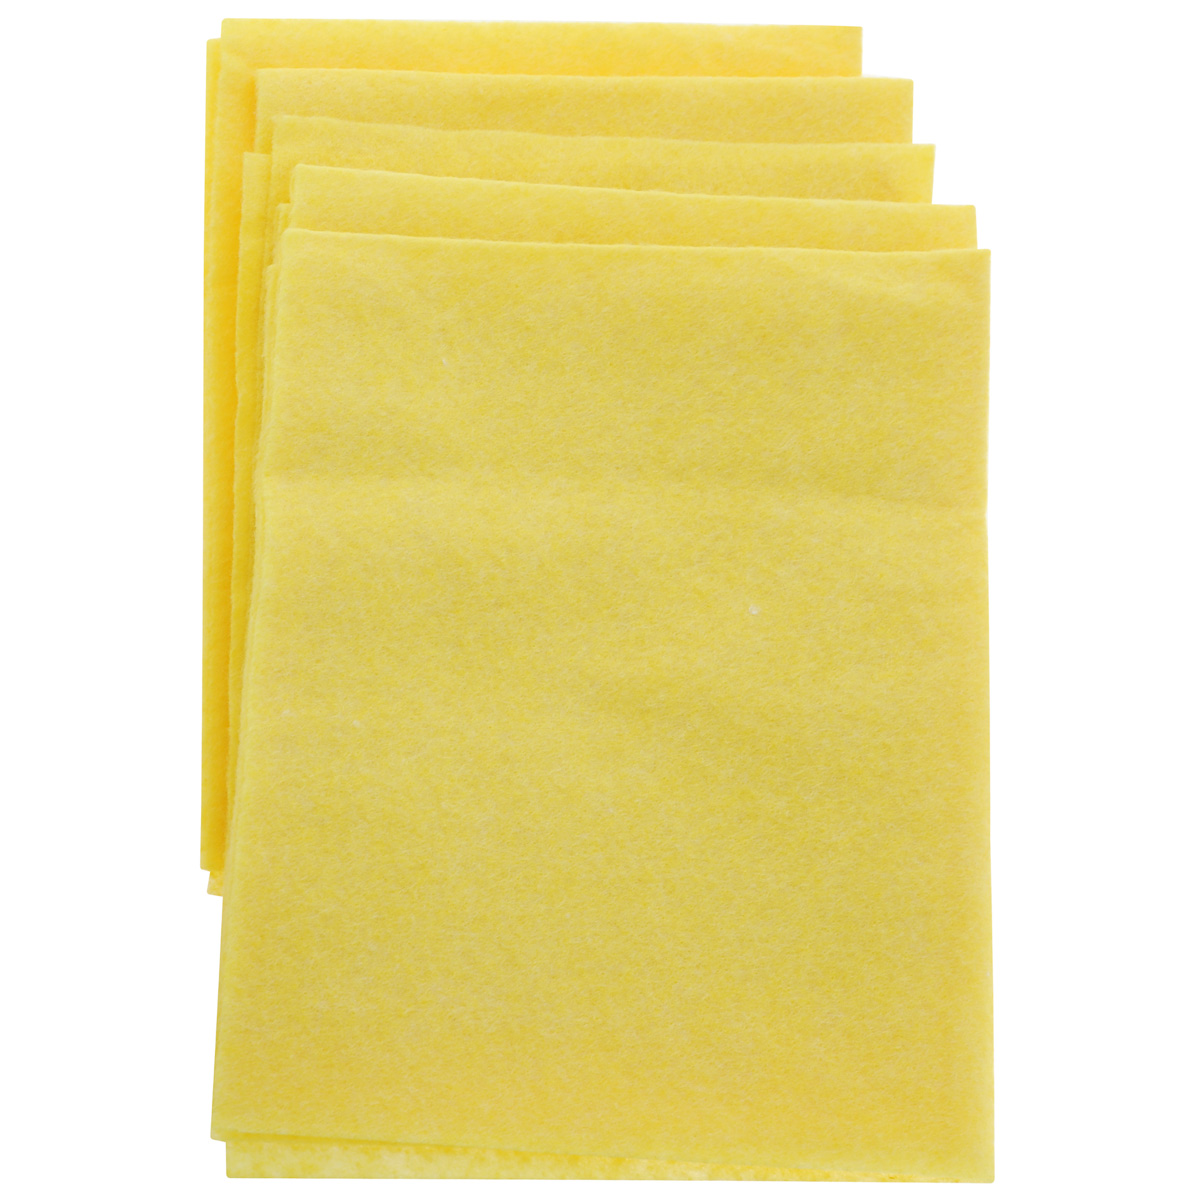 Салфетка для уборки Home Queen, цвет: желтый, 30 х 38 см, 5 шт531-105Салфетка Home Queen, изготовленная из вискозы и полиэстера, предназначена для очищения загрязнений на любых поверхностях. Изделие обладает высокой износоустойчивостью и рассчитано на многократное использование, легко моется в теплой воде с мягкими чистящими средствами. Супервпитывающая салфетка не оставляет разводов и ворсинок, удаляет большинство жирных и маслянистых загрязнений без использования химических средств. Размер салфетки: 30 см х 38 см.Комплектация: 5 шт.